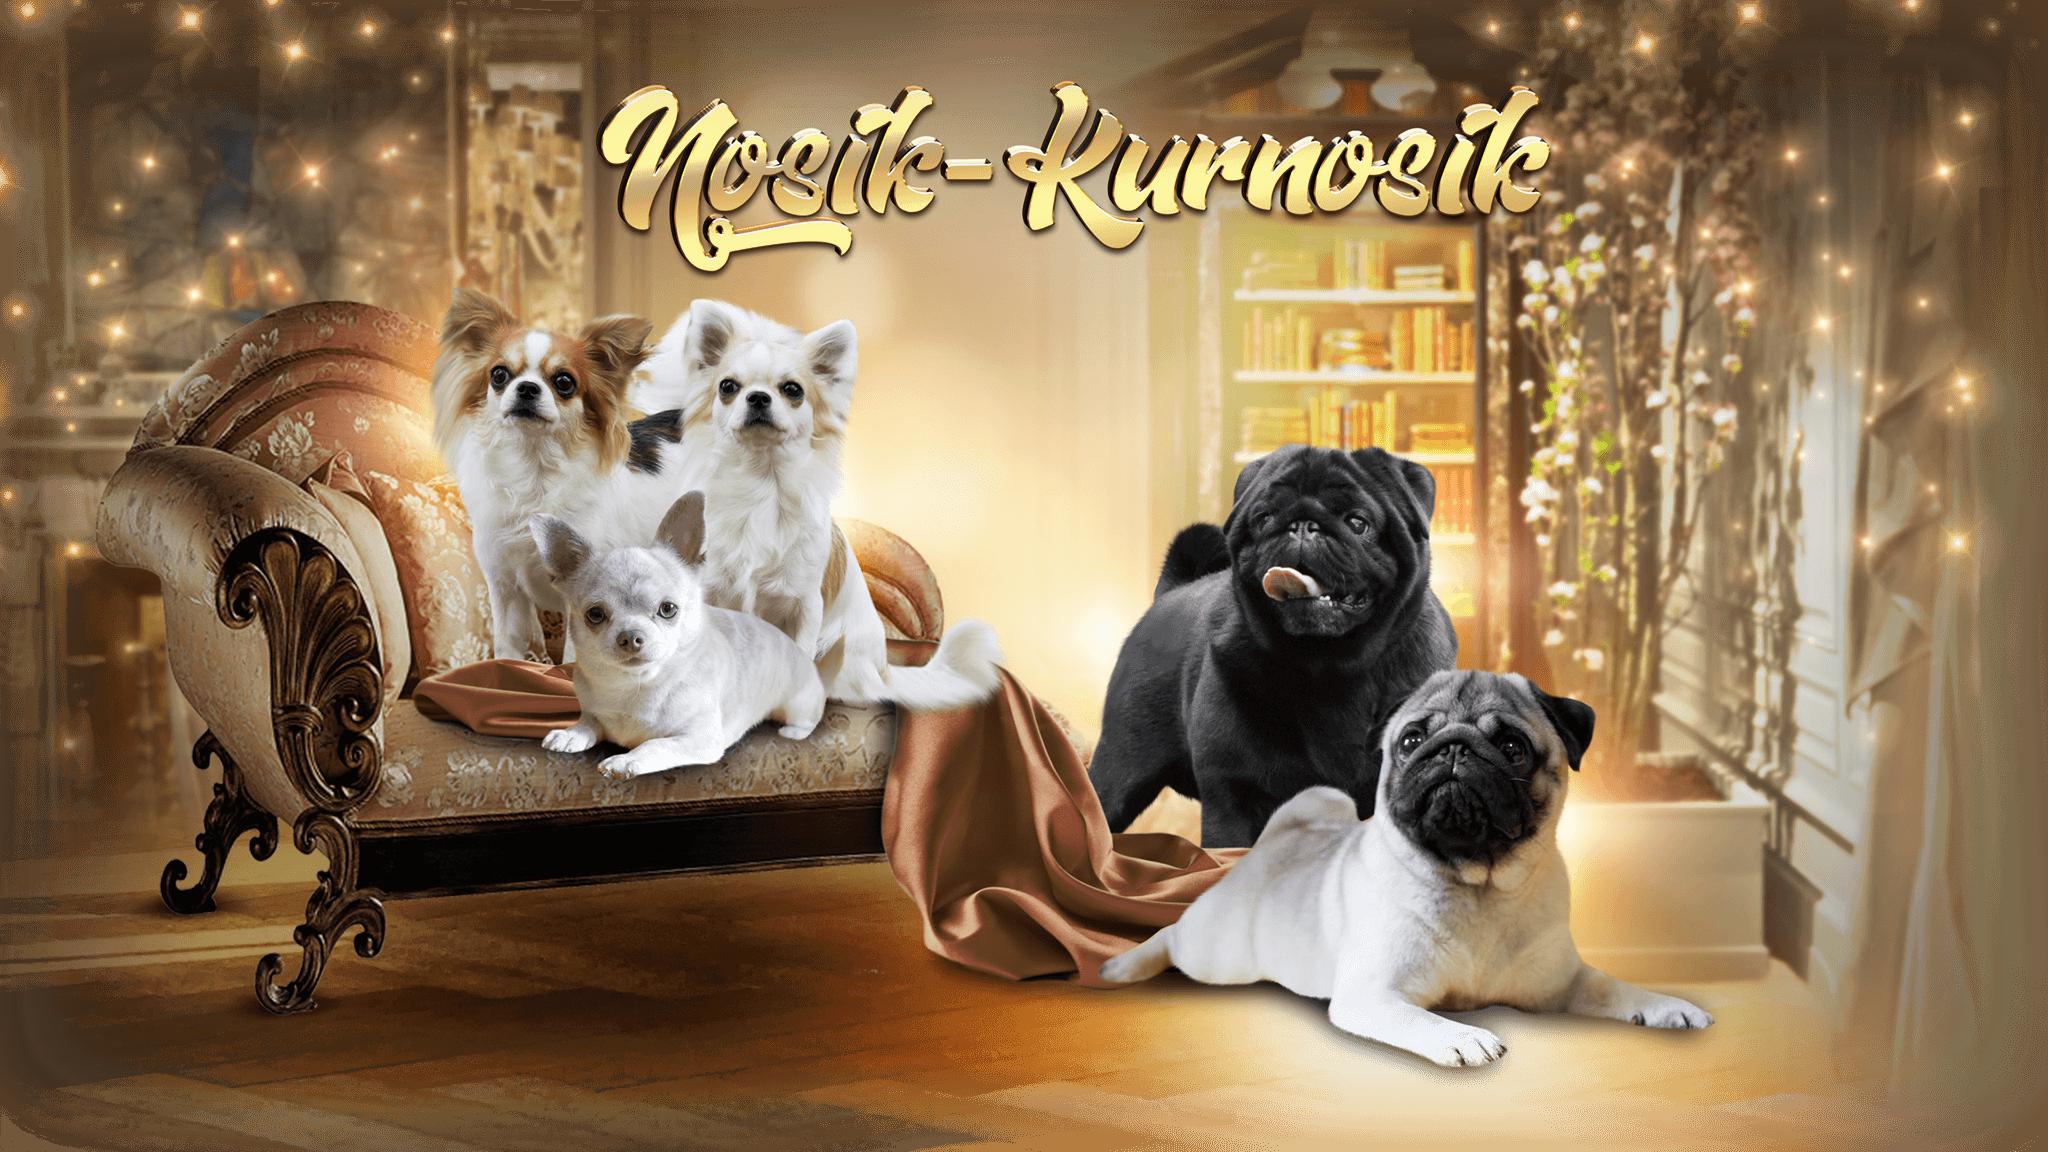 Носик-Курносик